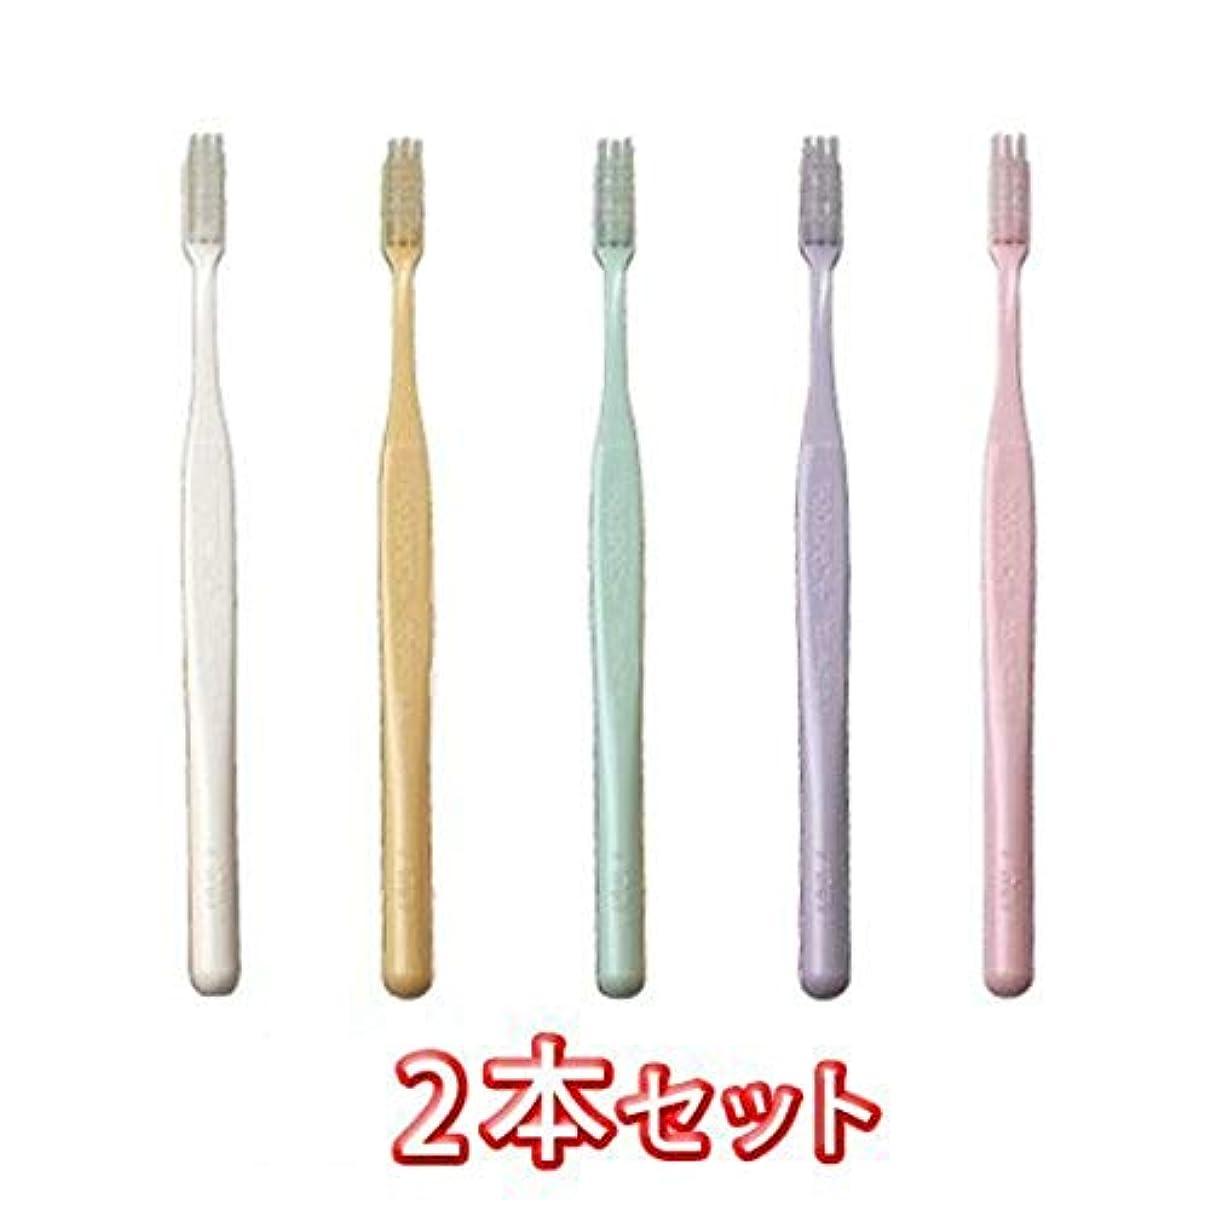 レンダー収益裏切りGC プロスペック 歯ブラシプラス コンパクトスリム S (2本セット)